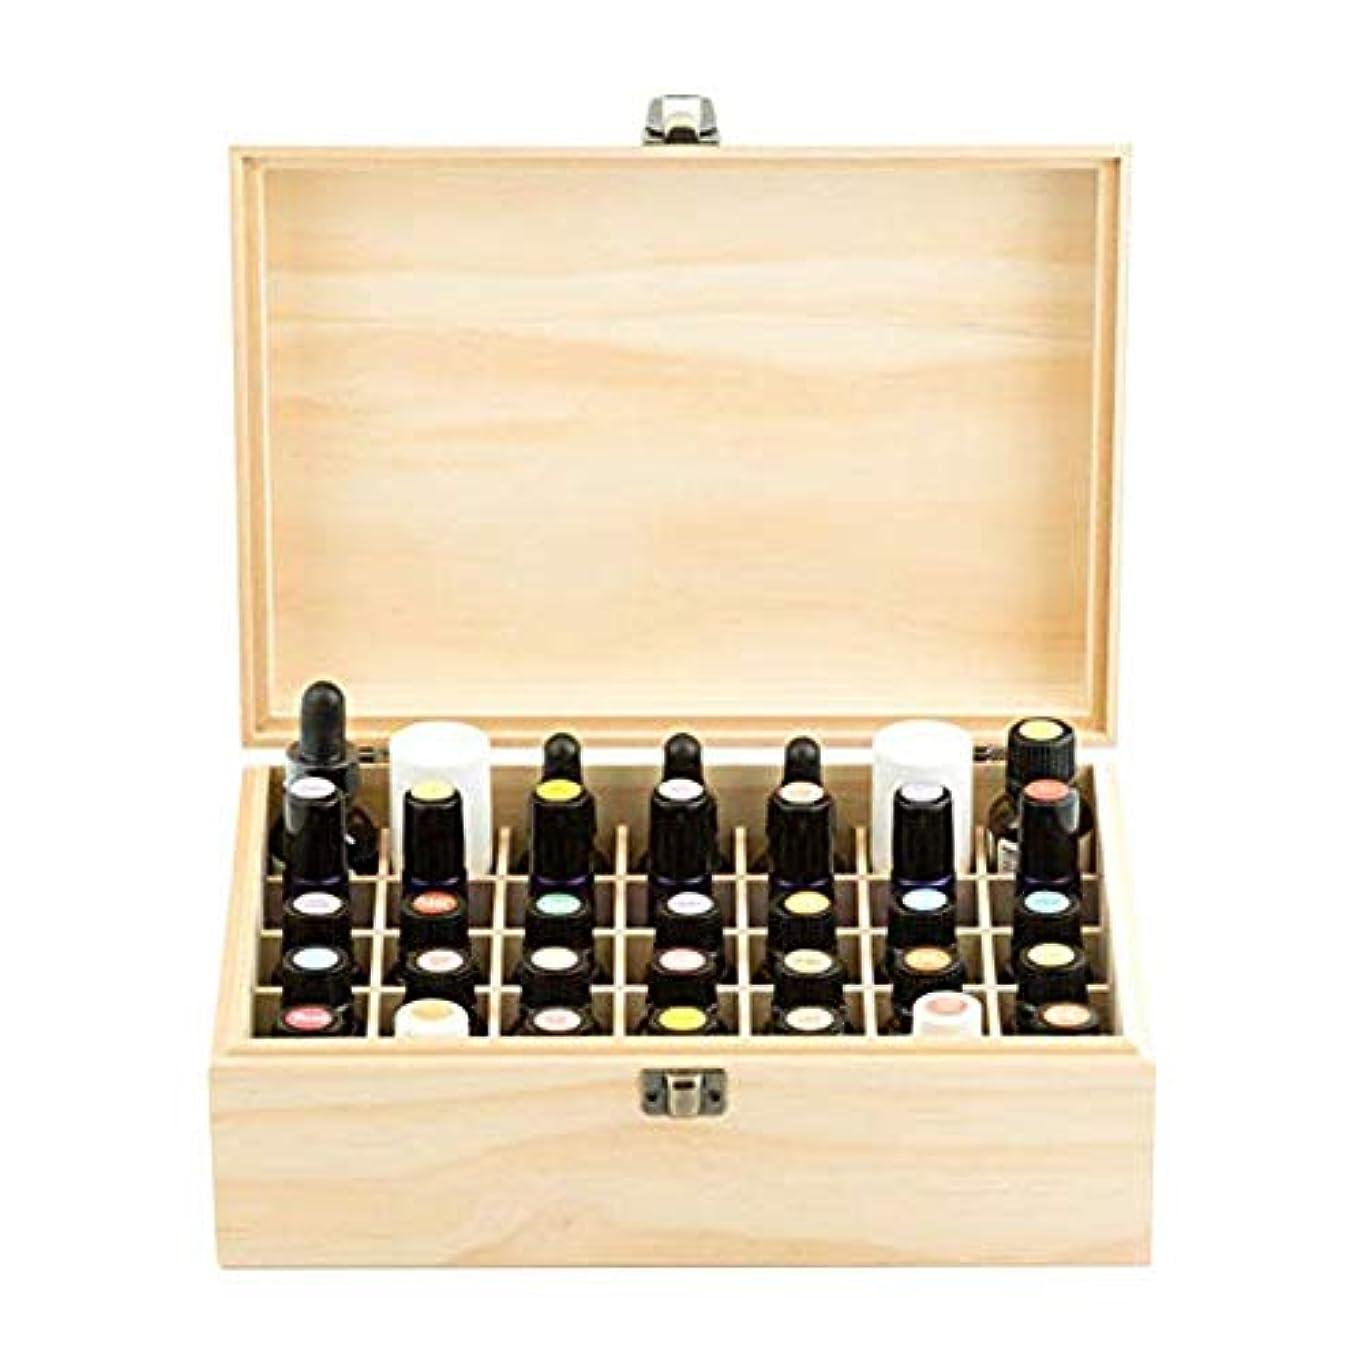 経歴悔い改めテストエッセンシャルオイル収納ボックス 純木の精油の収納箱 香水収納ケース アロマオイル収納ボックス 35本用